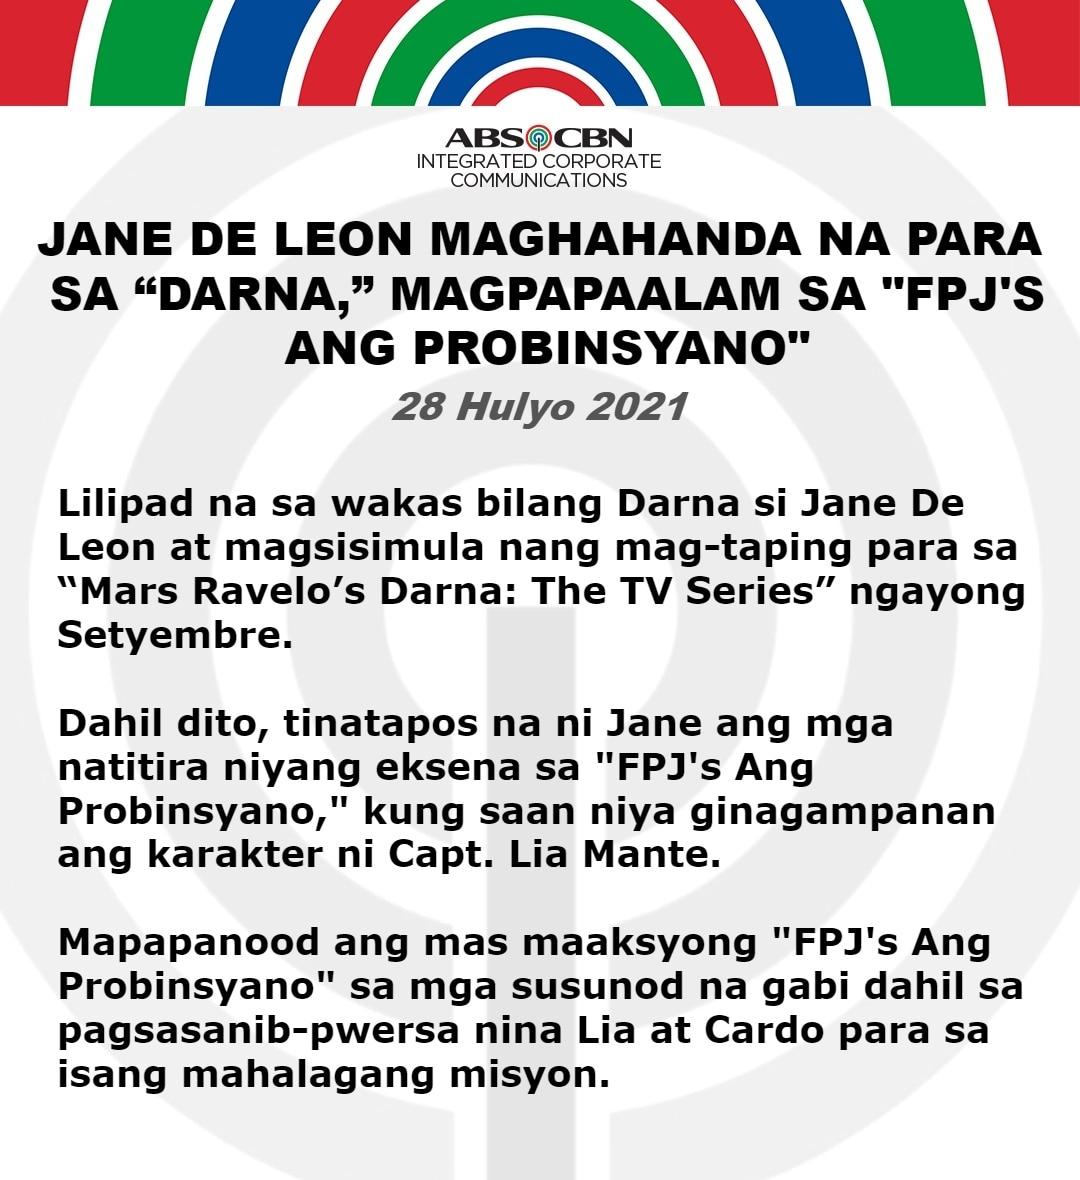 Artcard FILIPINO STATEMENT JANE DE LEON MAGHAHANDA NA PARA SA DARNA, MAGPAPAALAM SA FPJAP